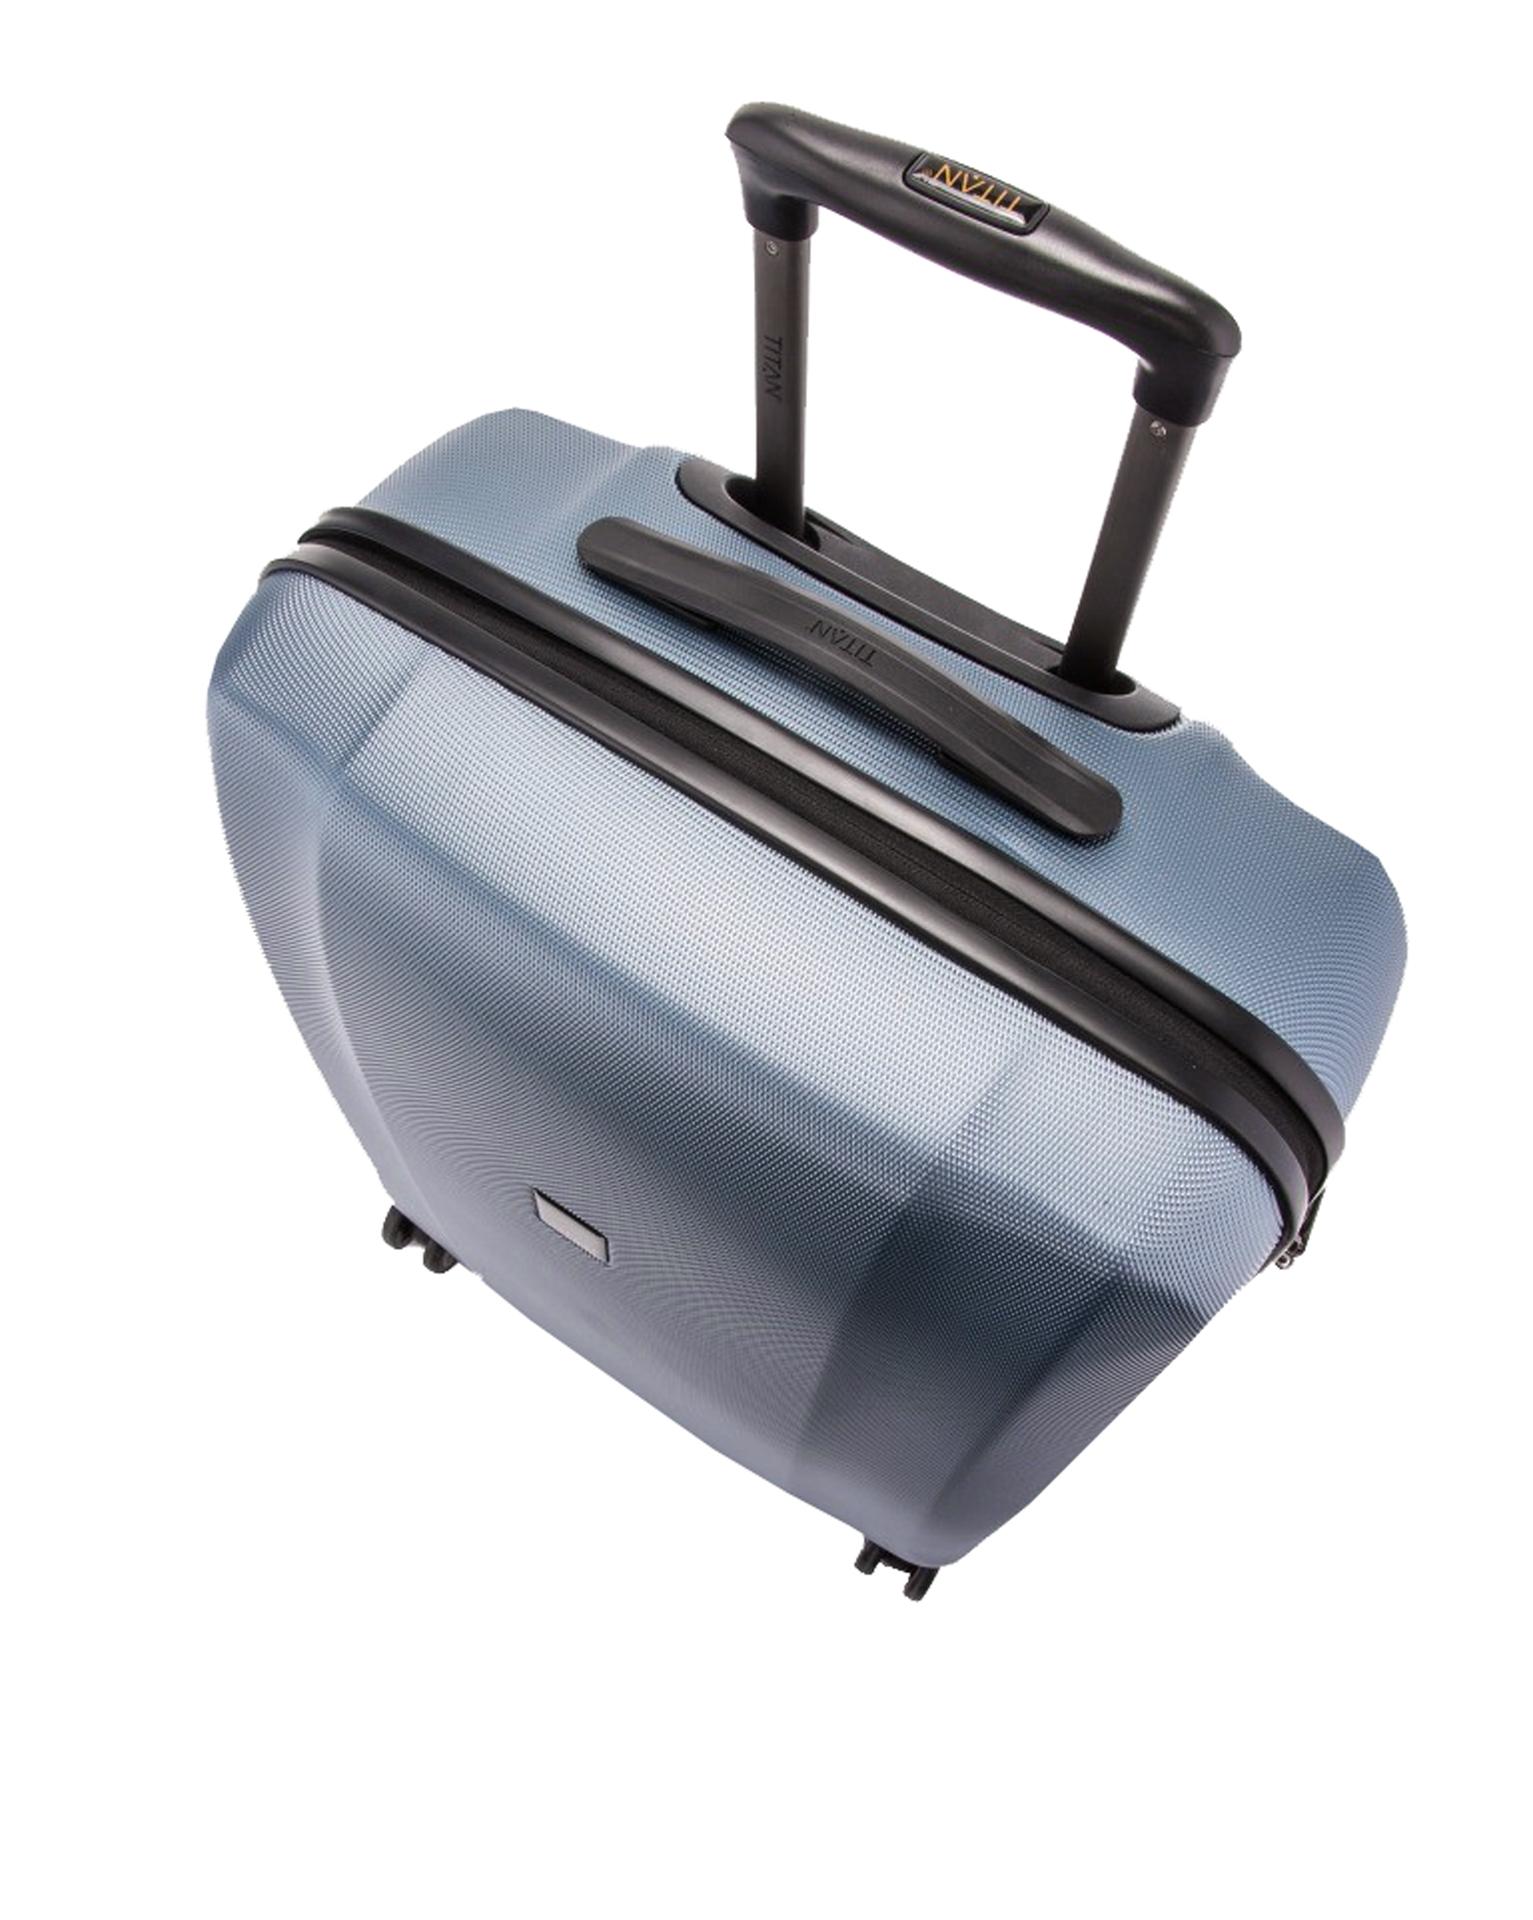 Titan Xenon M Blue Stone Cestovný kufor Xenon je nielen kvalitný a odolný, ale tiež vám bude štýlovým doplnkom na cestách.- hrubá povrchová úprava Shark Skin- povrch je odolný voči poškriabaniu- štyri komfortné dvojkolieska otočné o 360°- integrovaný TSA zámok je vhodný nielen pre cesty do USA- ergonomické silikónové držadlo- hliníková rukoväť s aretáciou- integrovaná deliaca priečka na zips- dve vrecká na zips na deliacej priečke